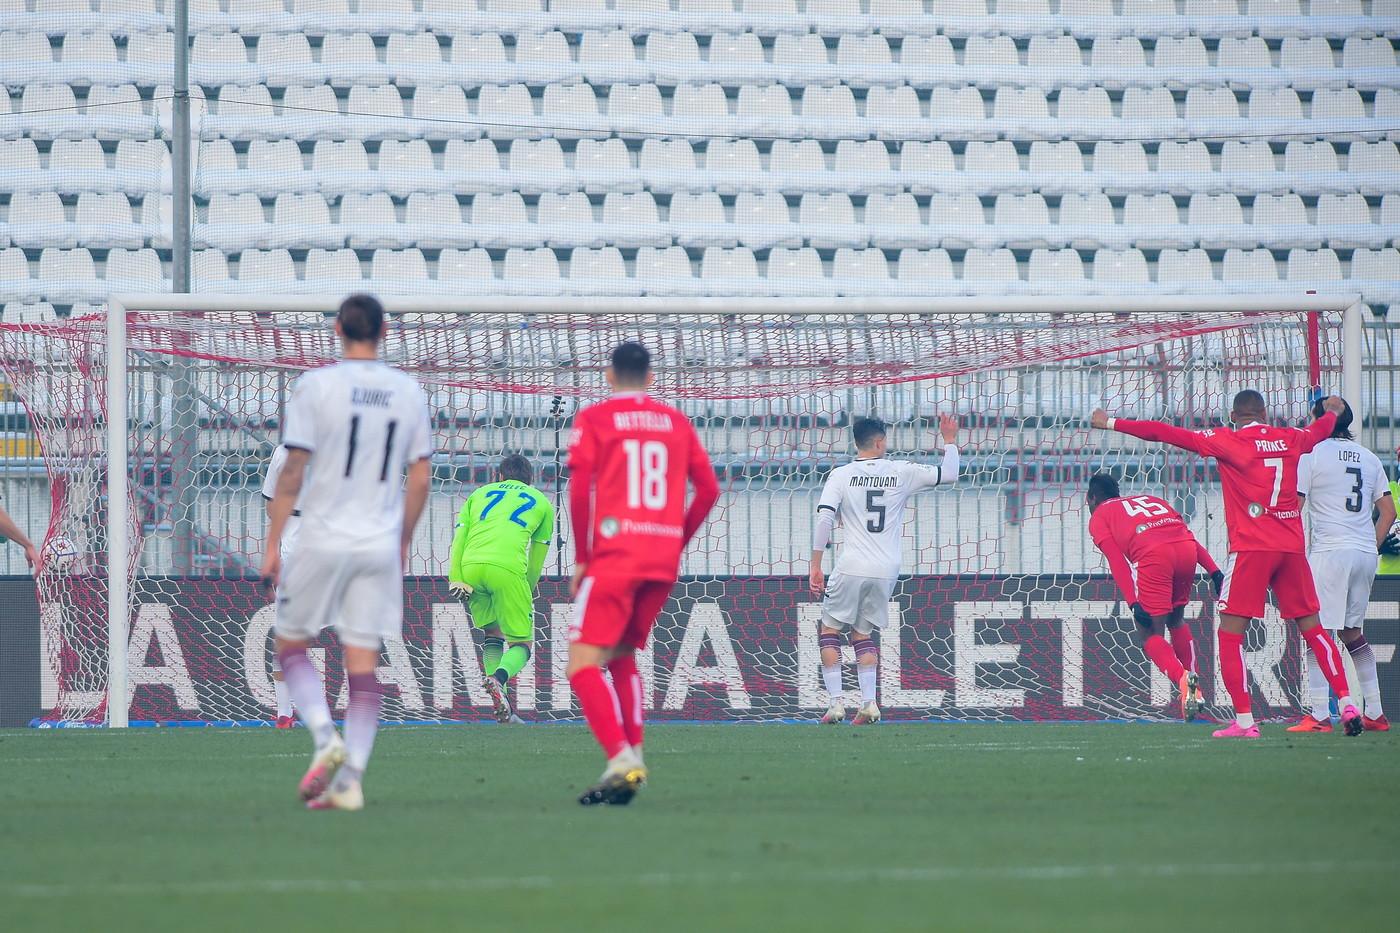 Ci ha messo solo 4&#39; a segnare il suo primo gol con la maglia del Monza: Balotelli subito in gol contro la Salernitana all&#39;esordio.<br /><br />